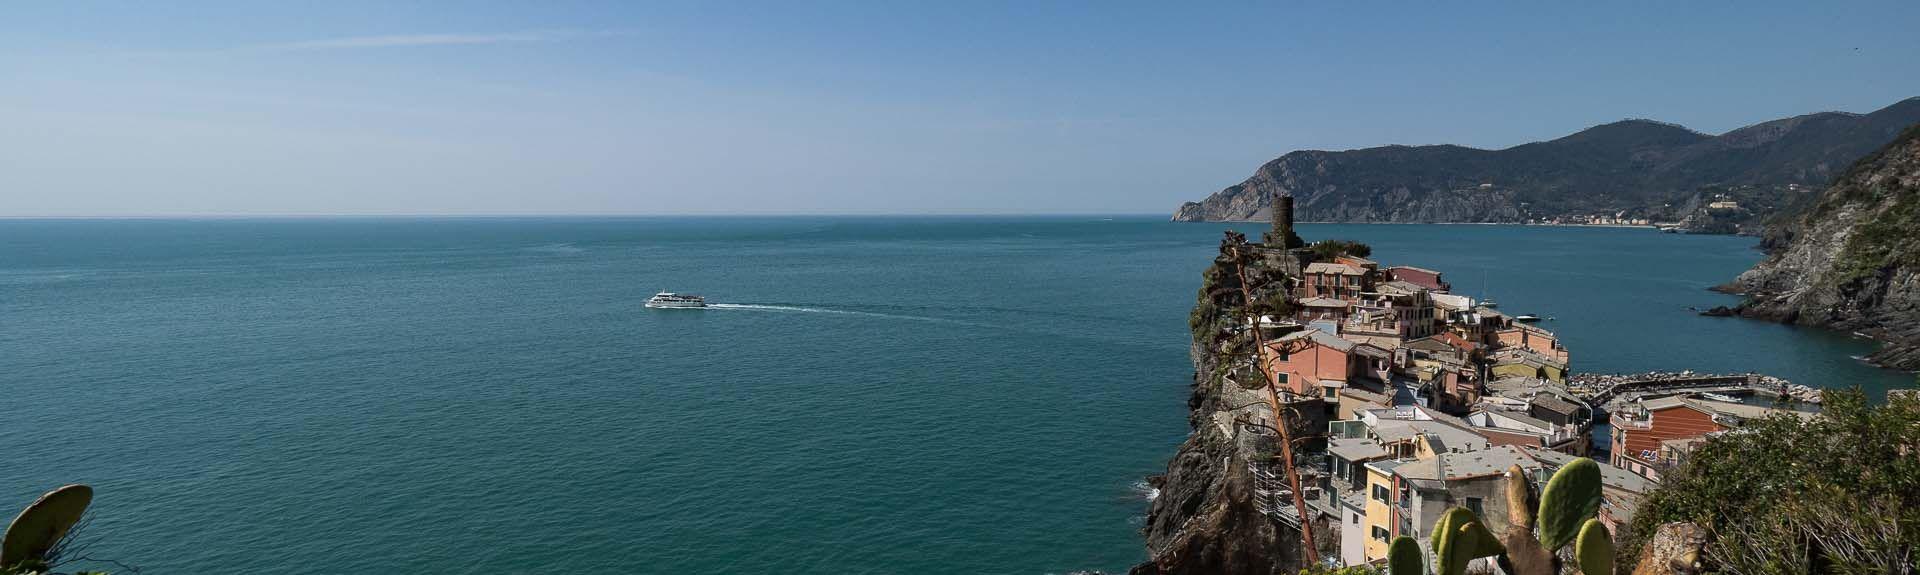 Corniglia, La Spezia, Liguria, Italy